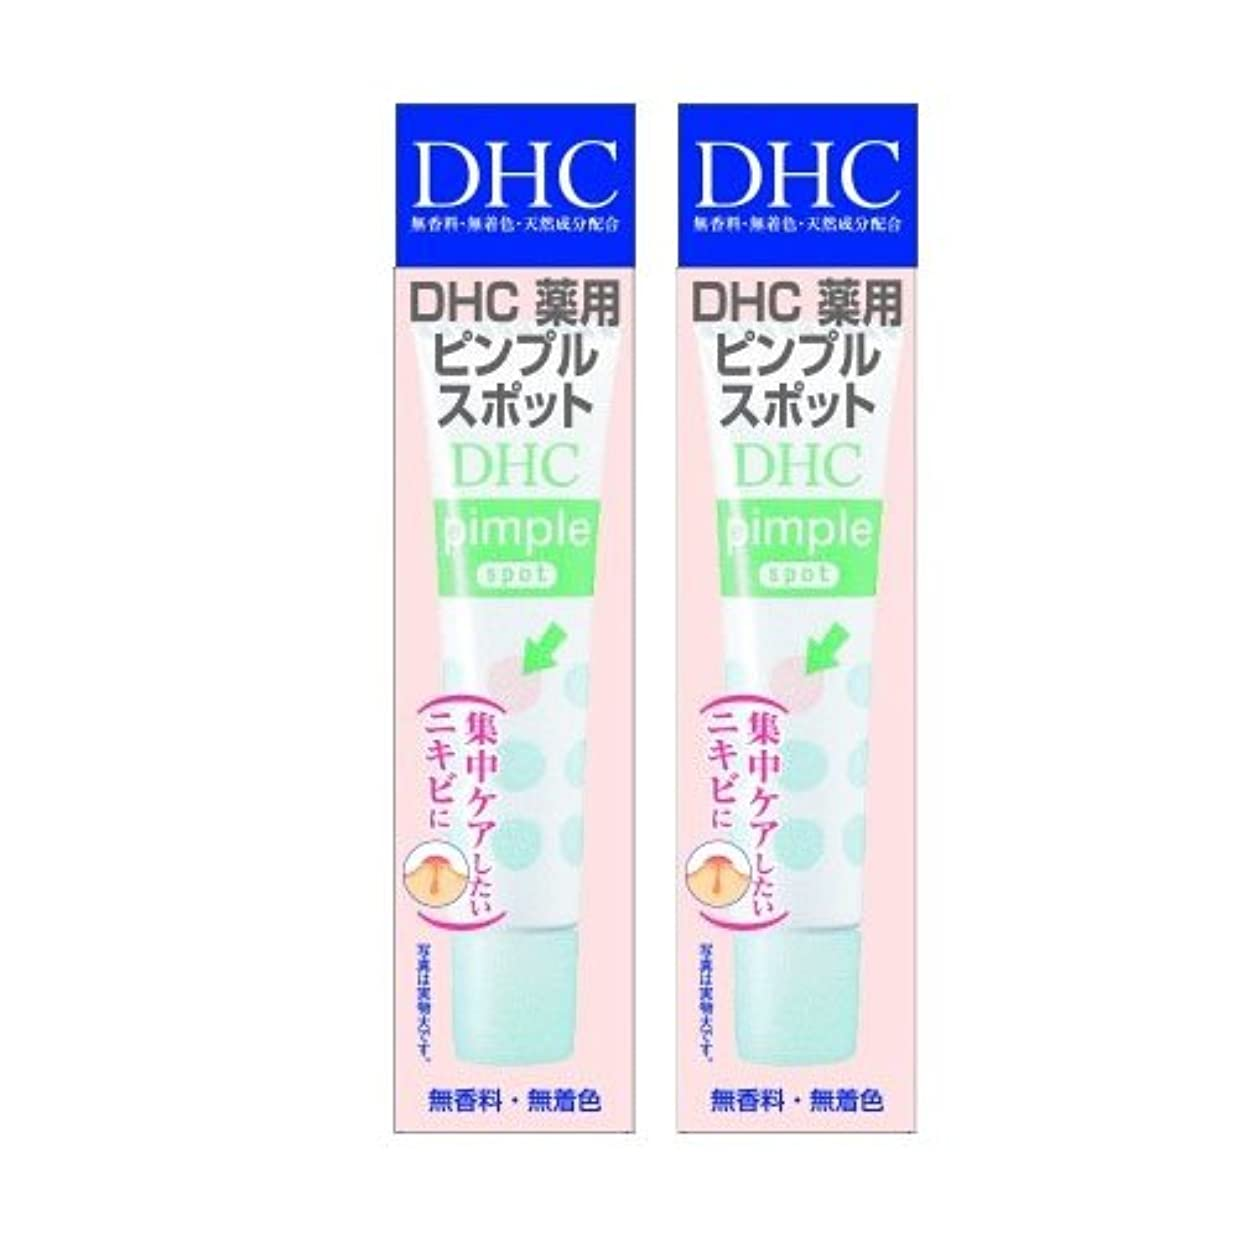 辛な緊張昆虫【セット品】DHC 薬用ピンプルスポット 15ml 2個セット